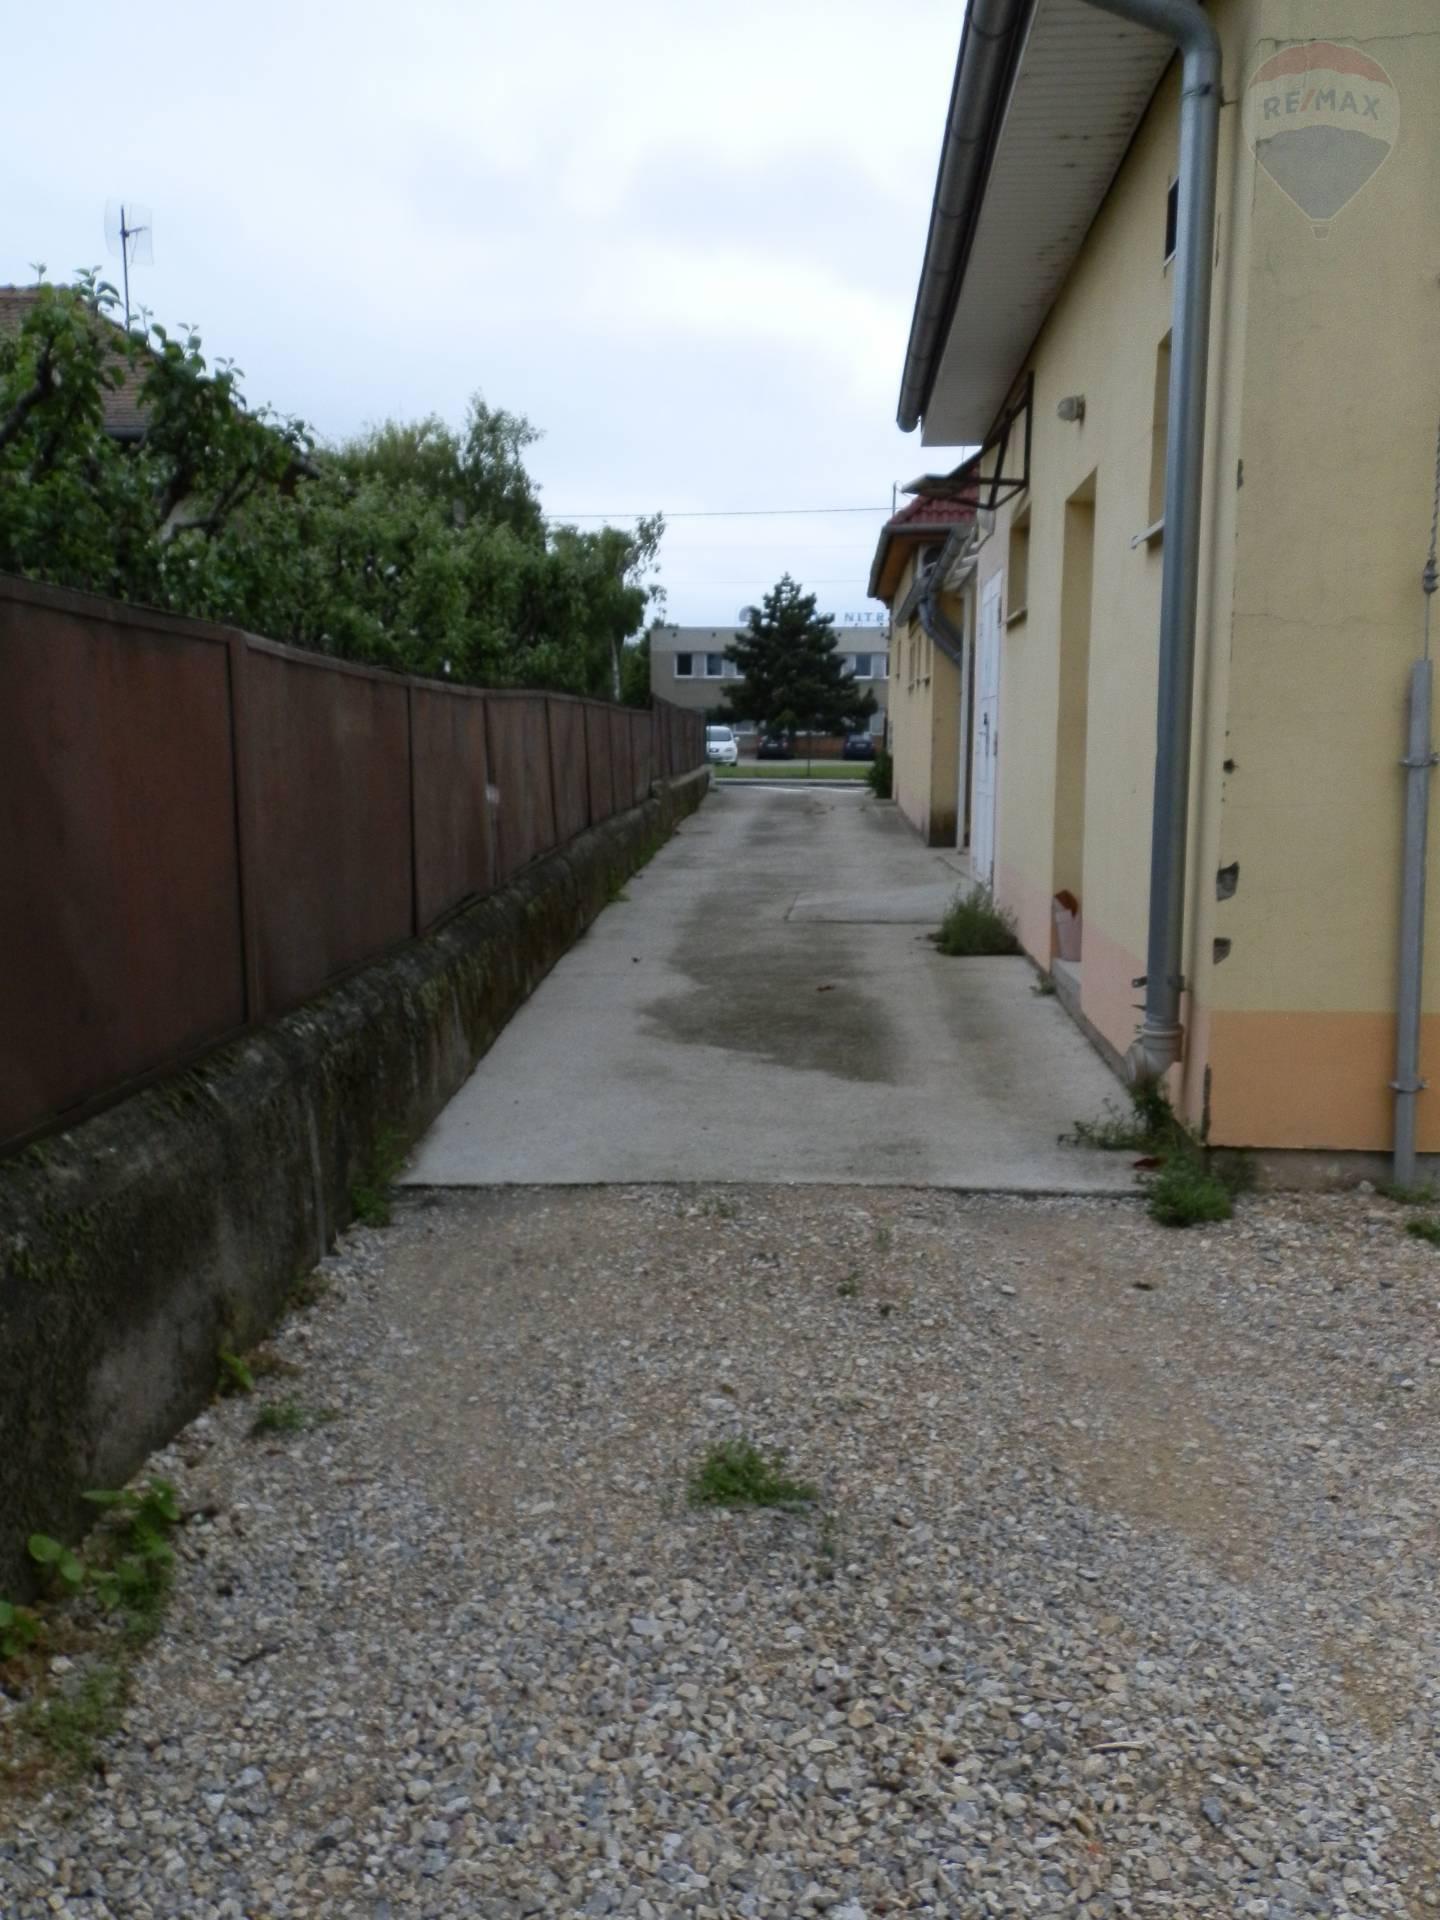 Prenájom komerčného priestoru 258 m2, Nitra - Prenájom priestorov Nitra Krškany